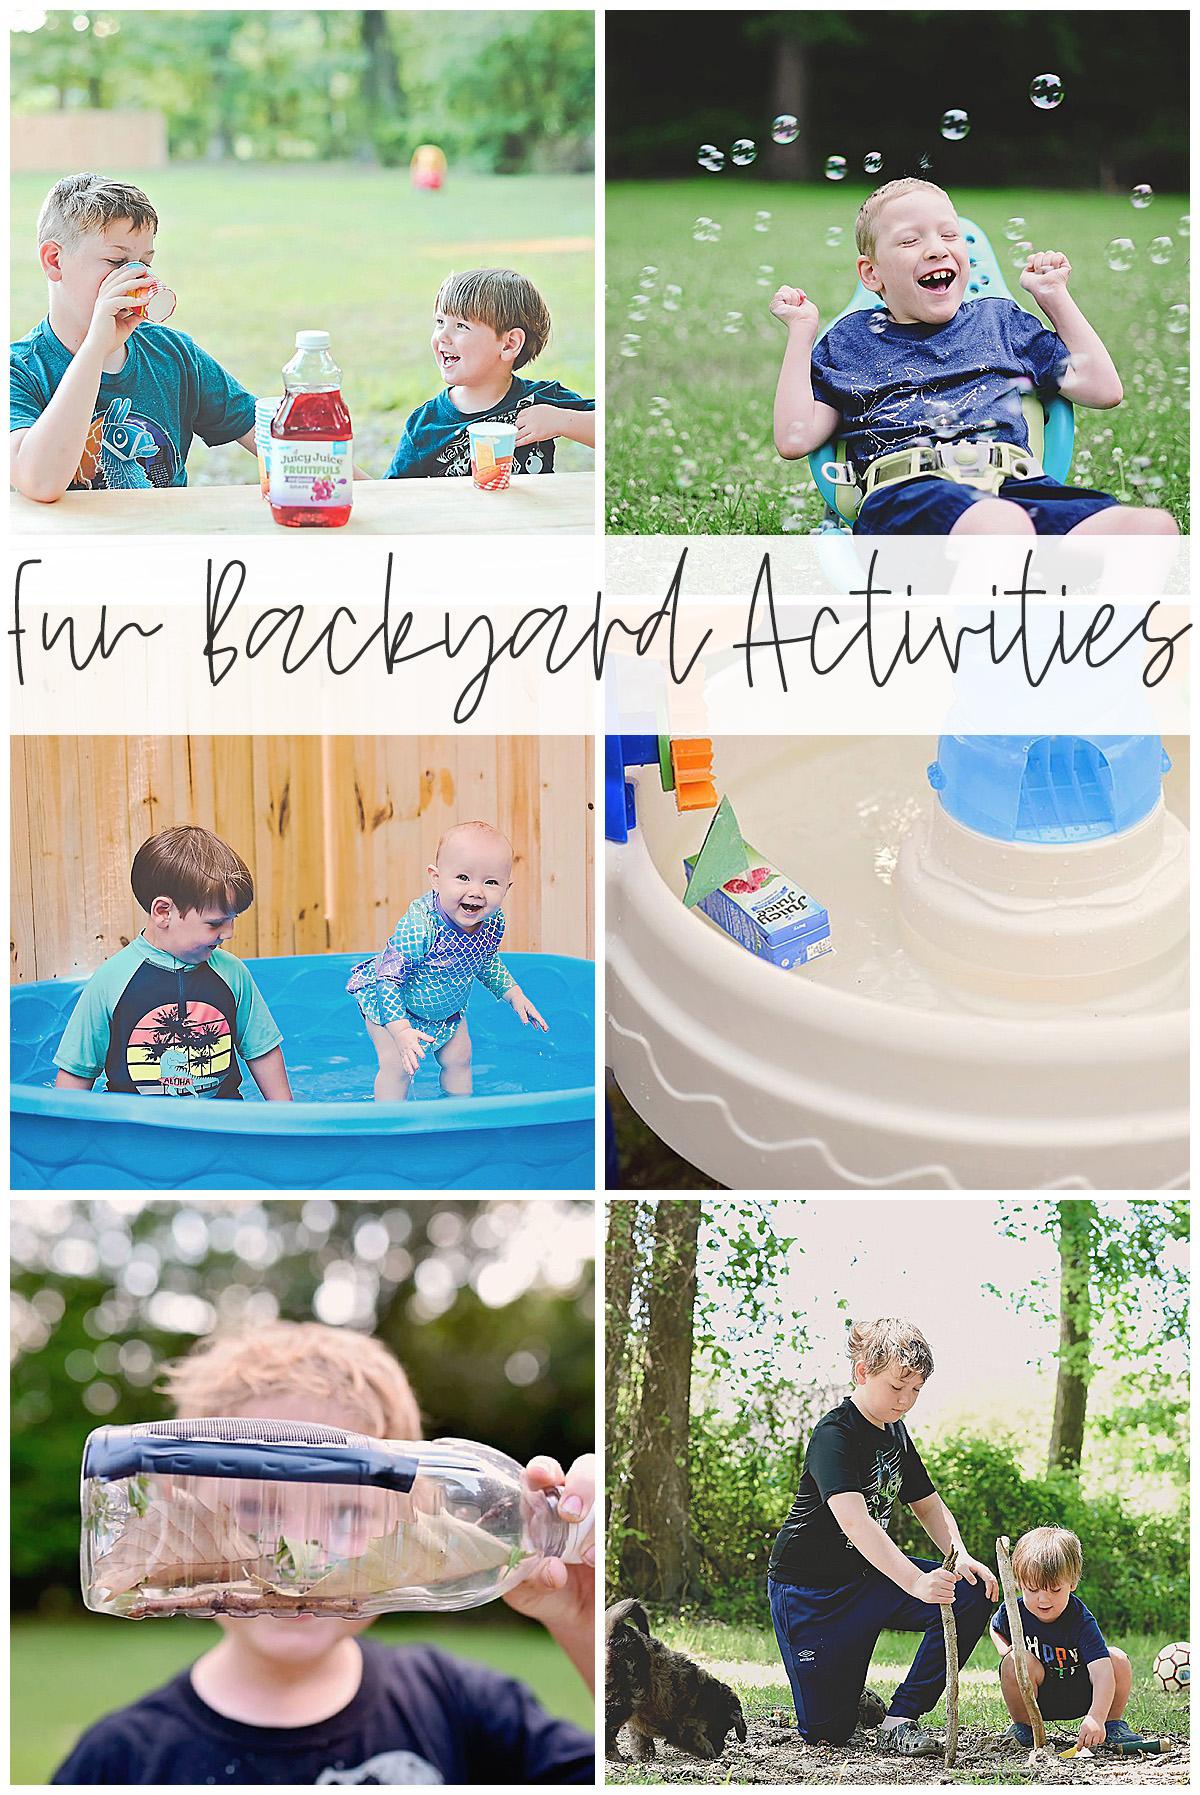 Fun Backyard Activities